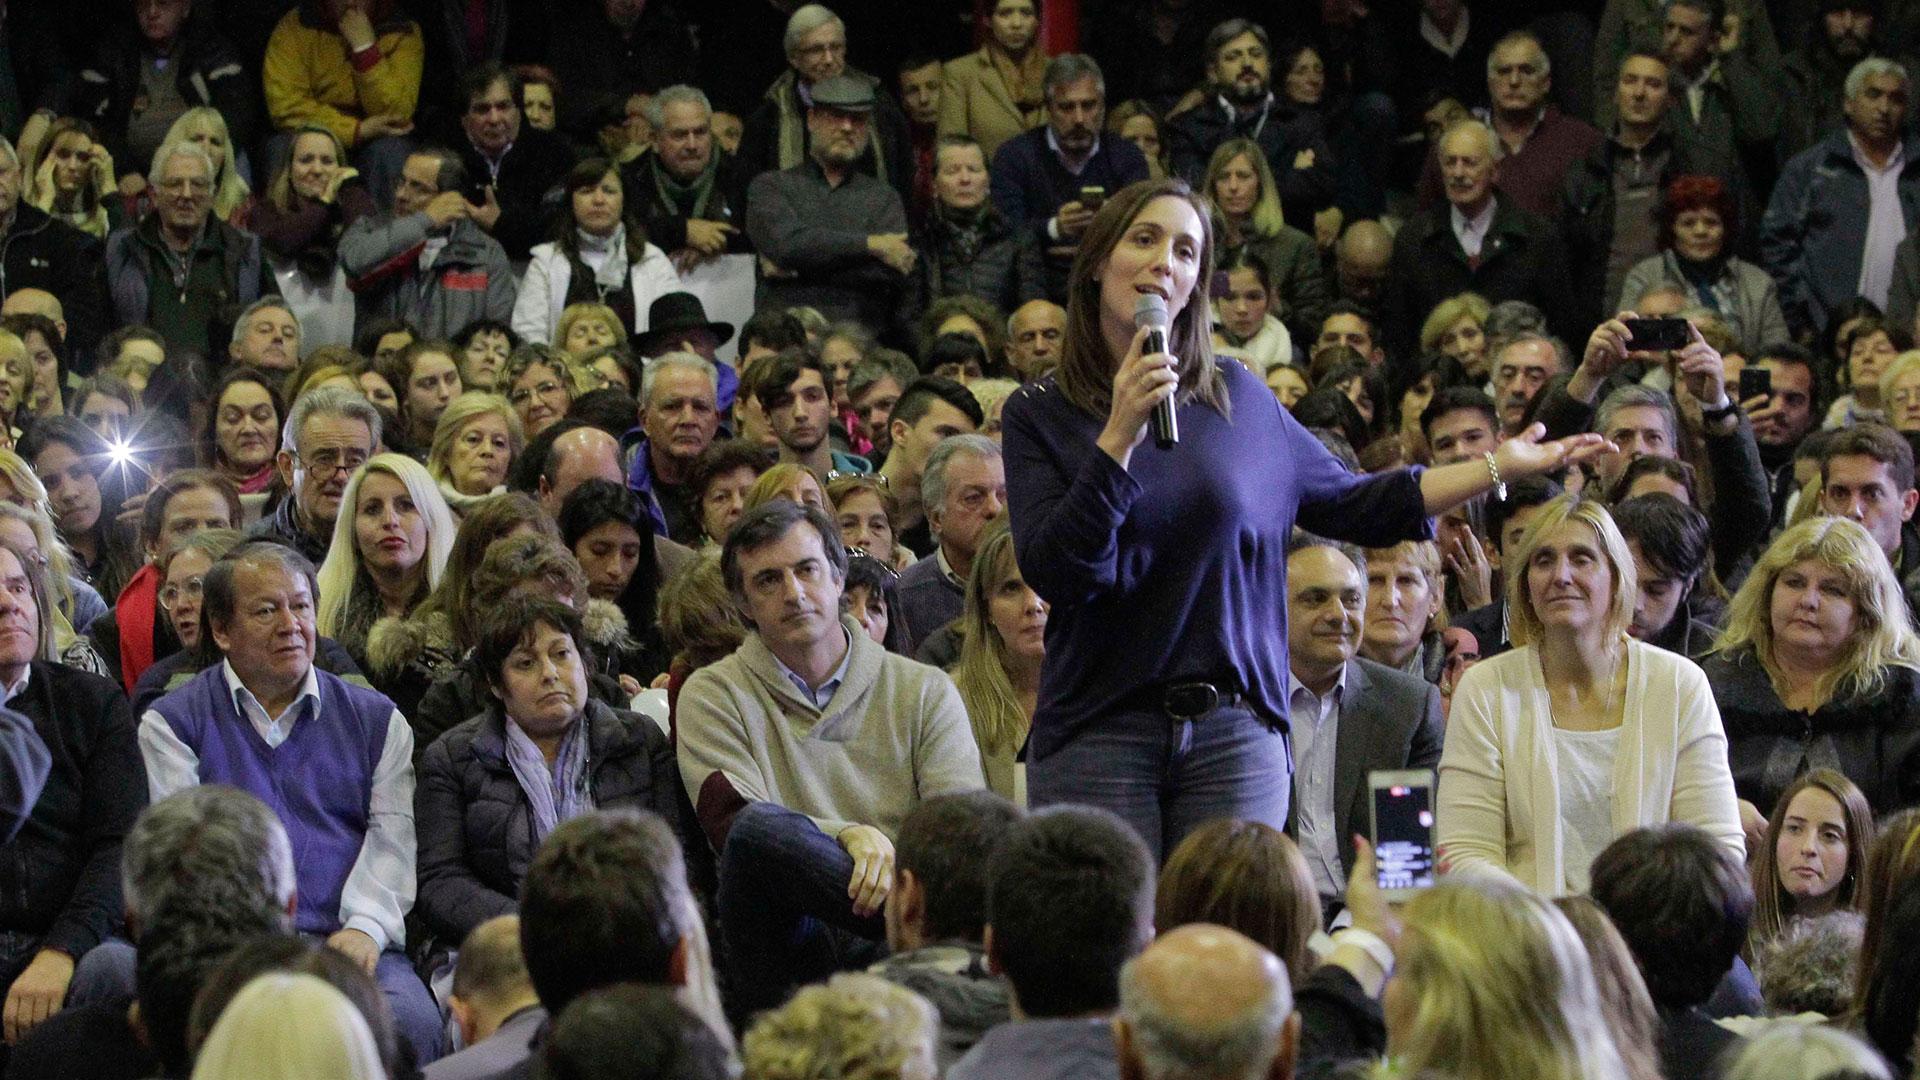 La gobernadora María Eugenia Vidal encabezó un acto de campaña junto a los candidatos bonaerenses de Cambiemos en la provincia en el club Quilmes de Mar del Plata